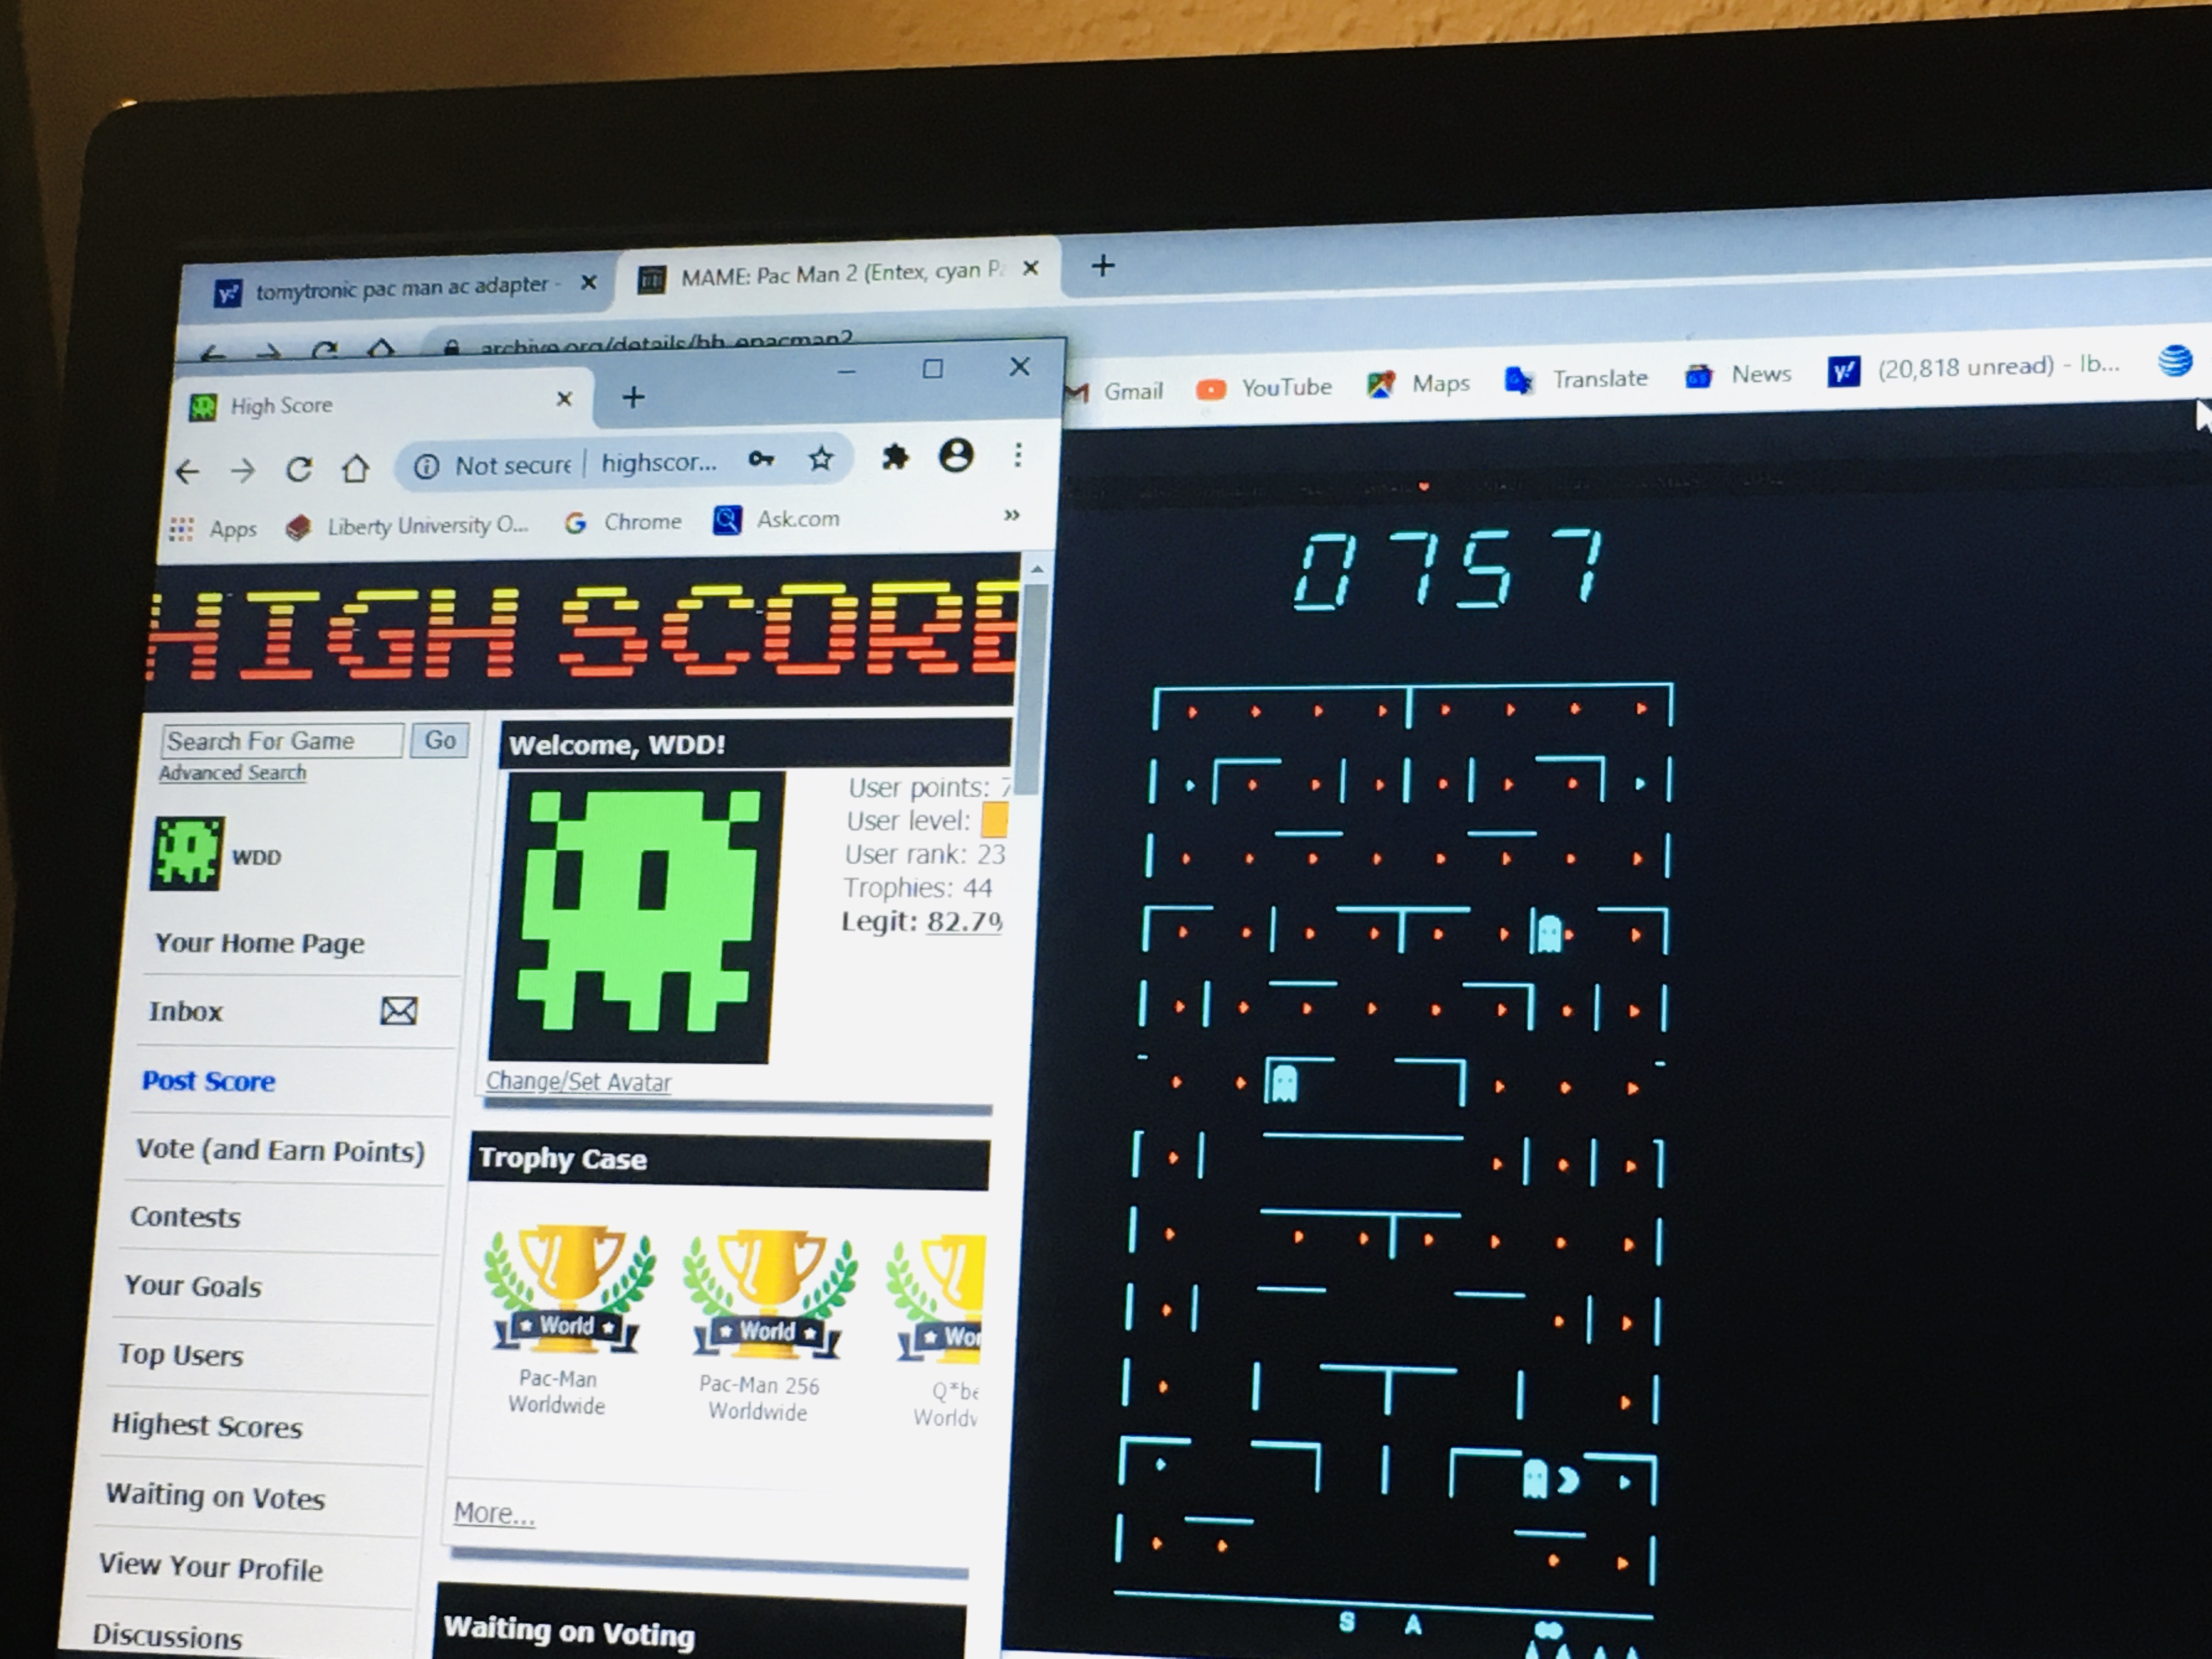 Entex Pac-Man 2 757 points